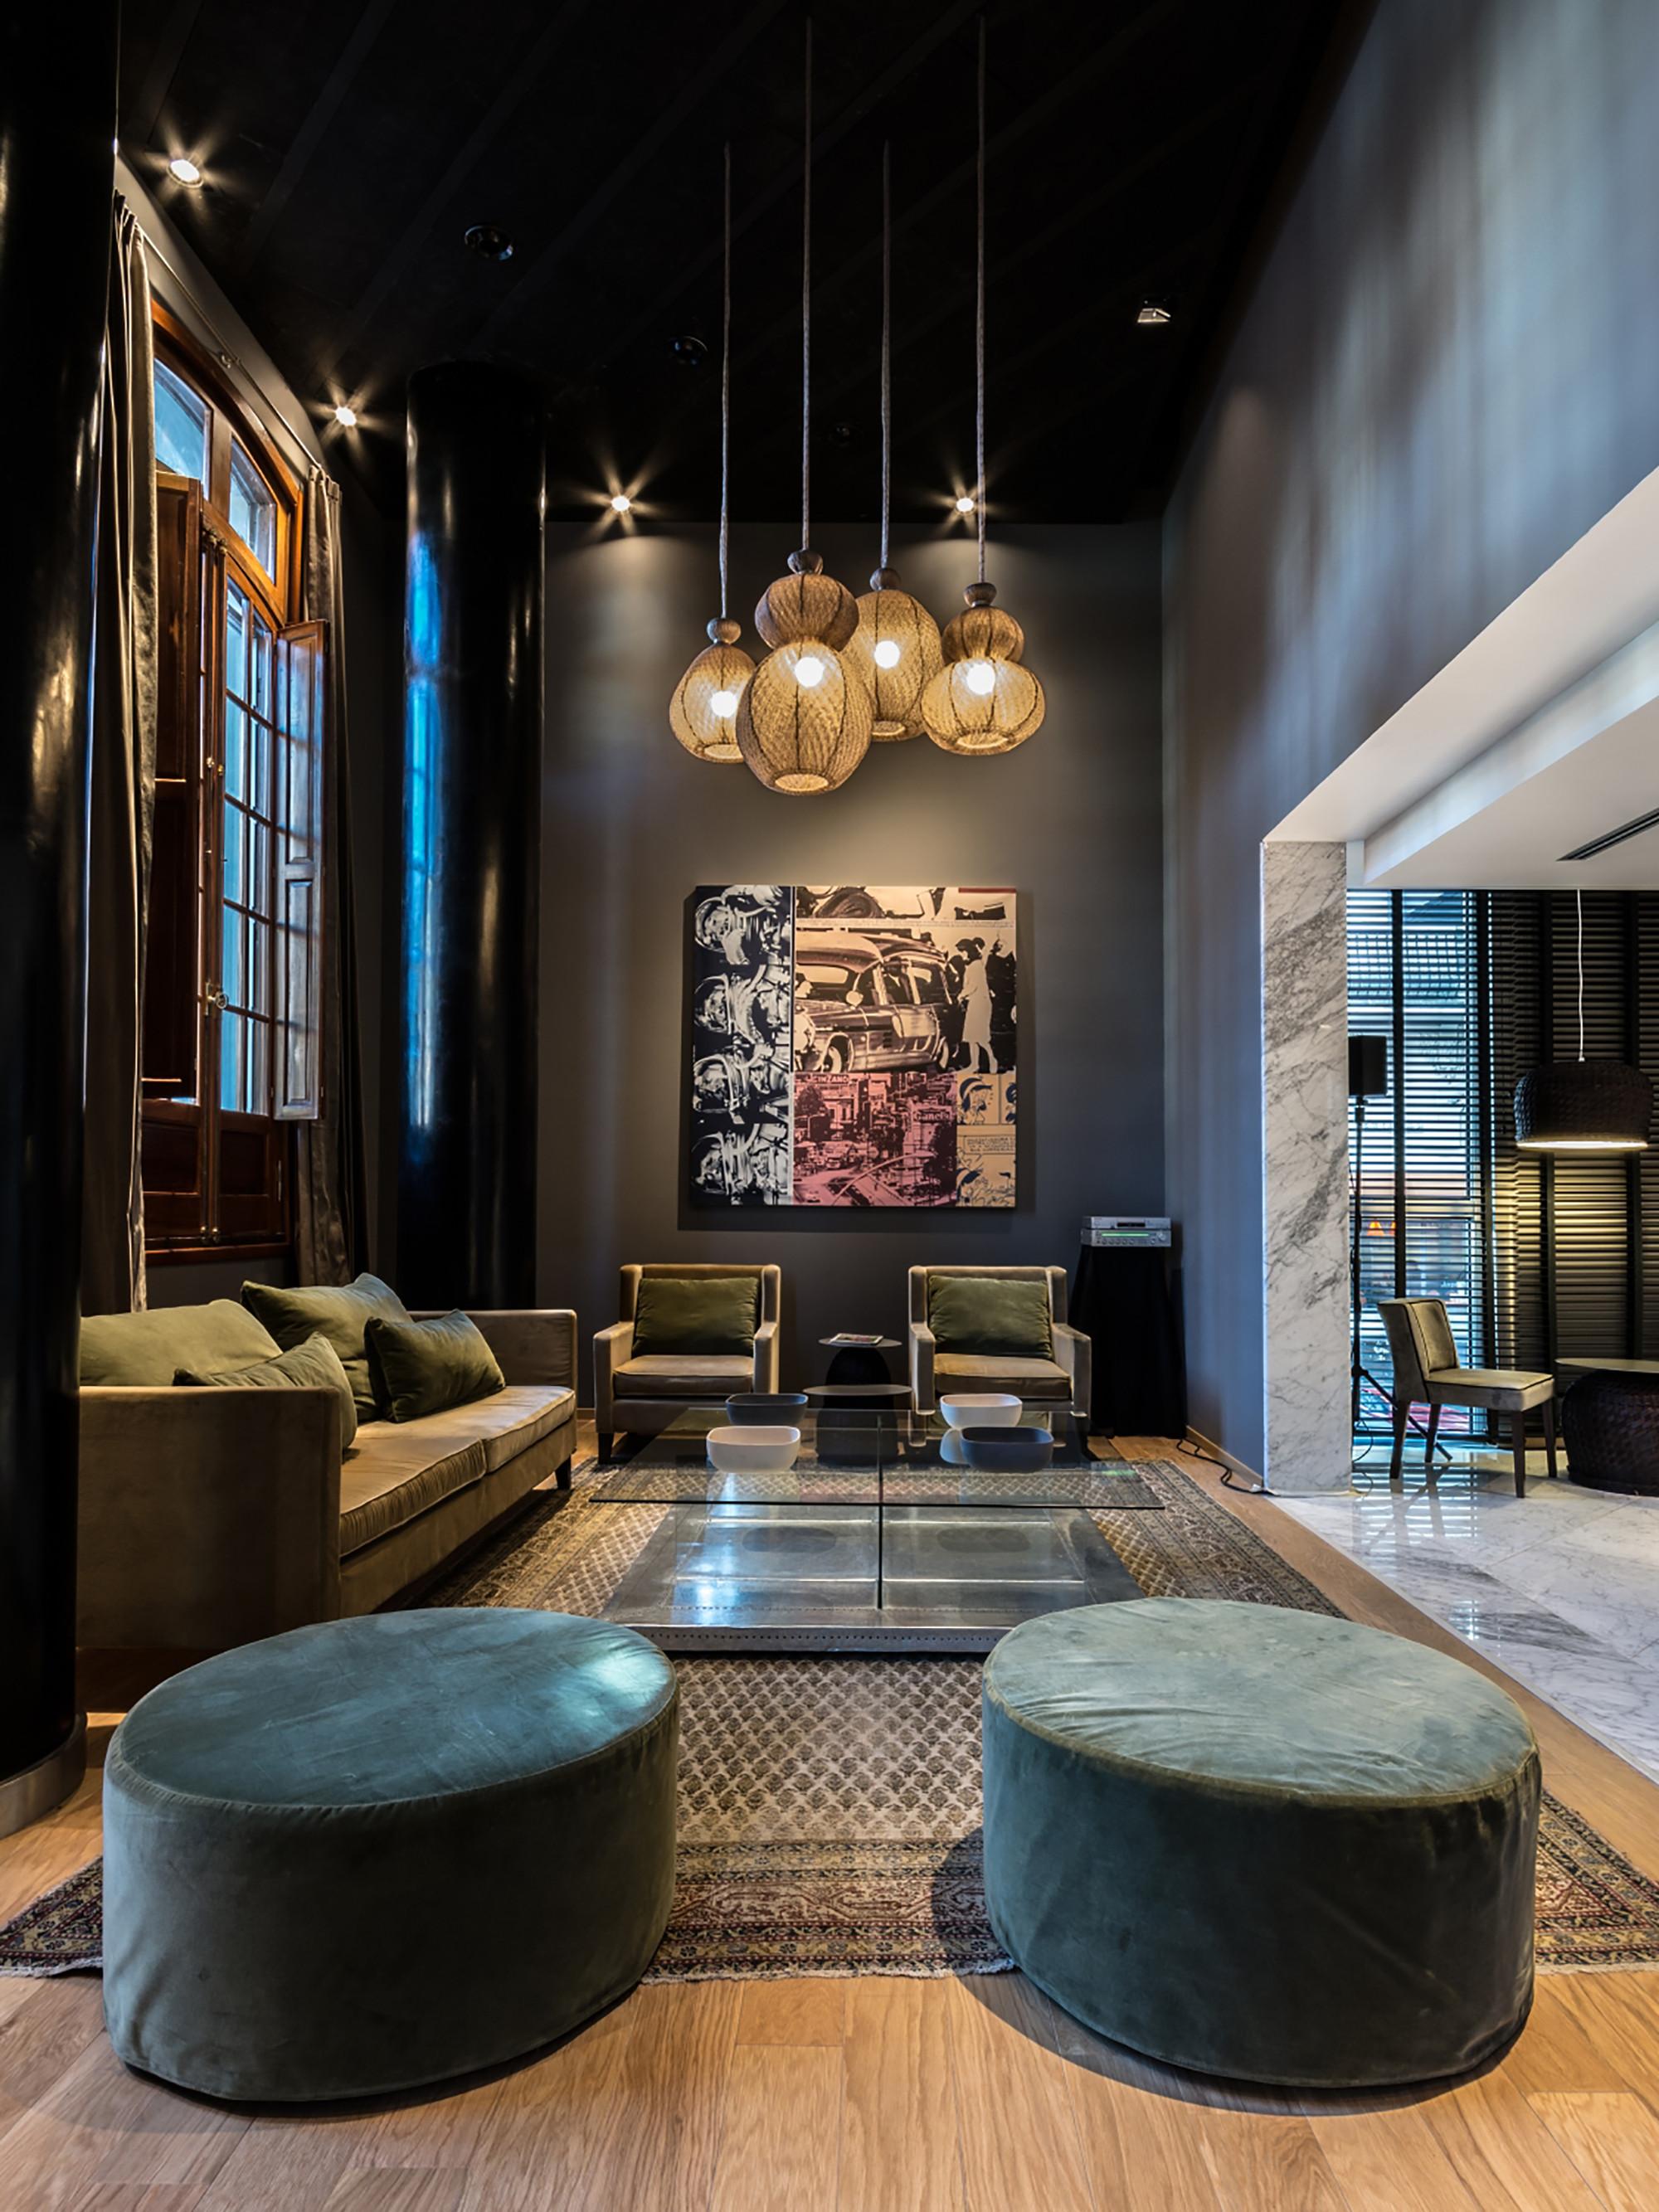 Modern Hotel Rooms Designs: Gallery Of Y111 Hotel / Estudio FWAP Arquitectos + Estudio